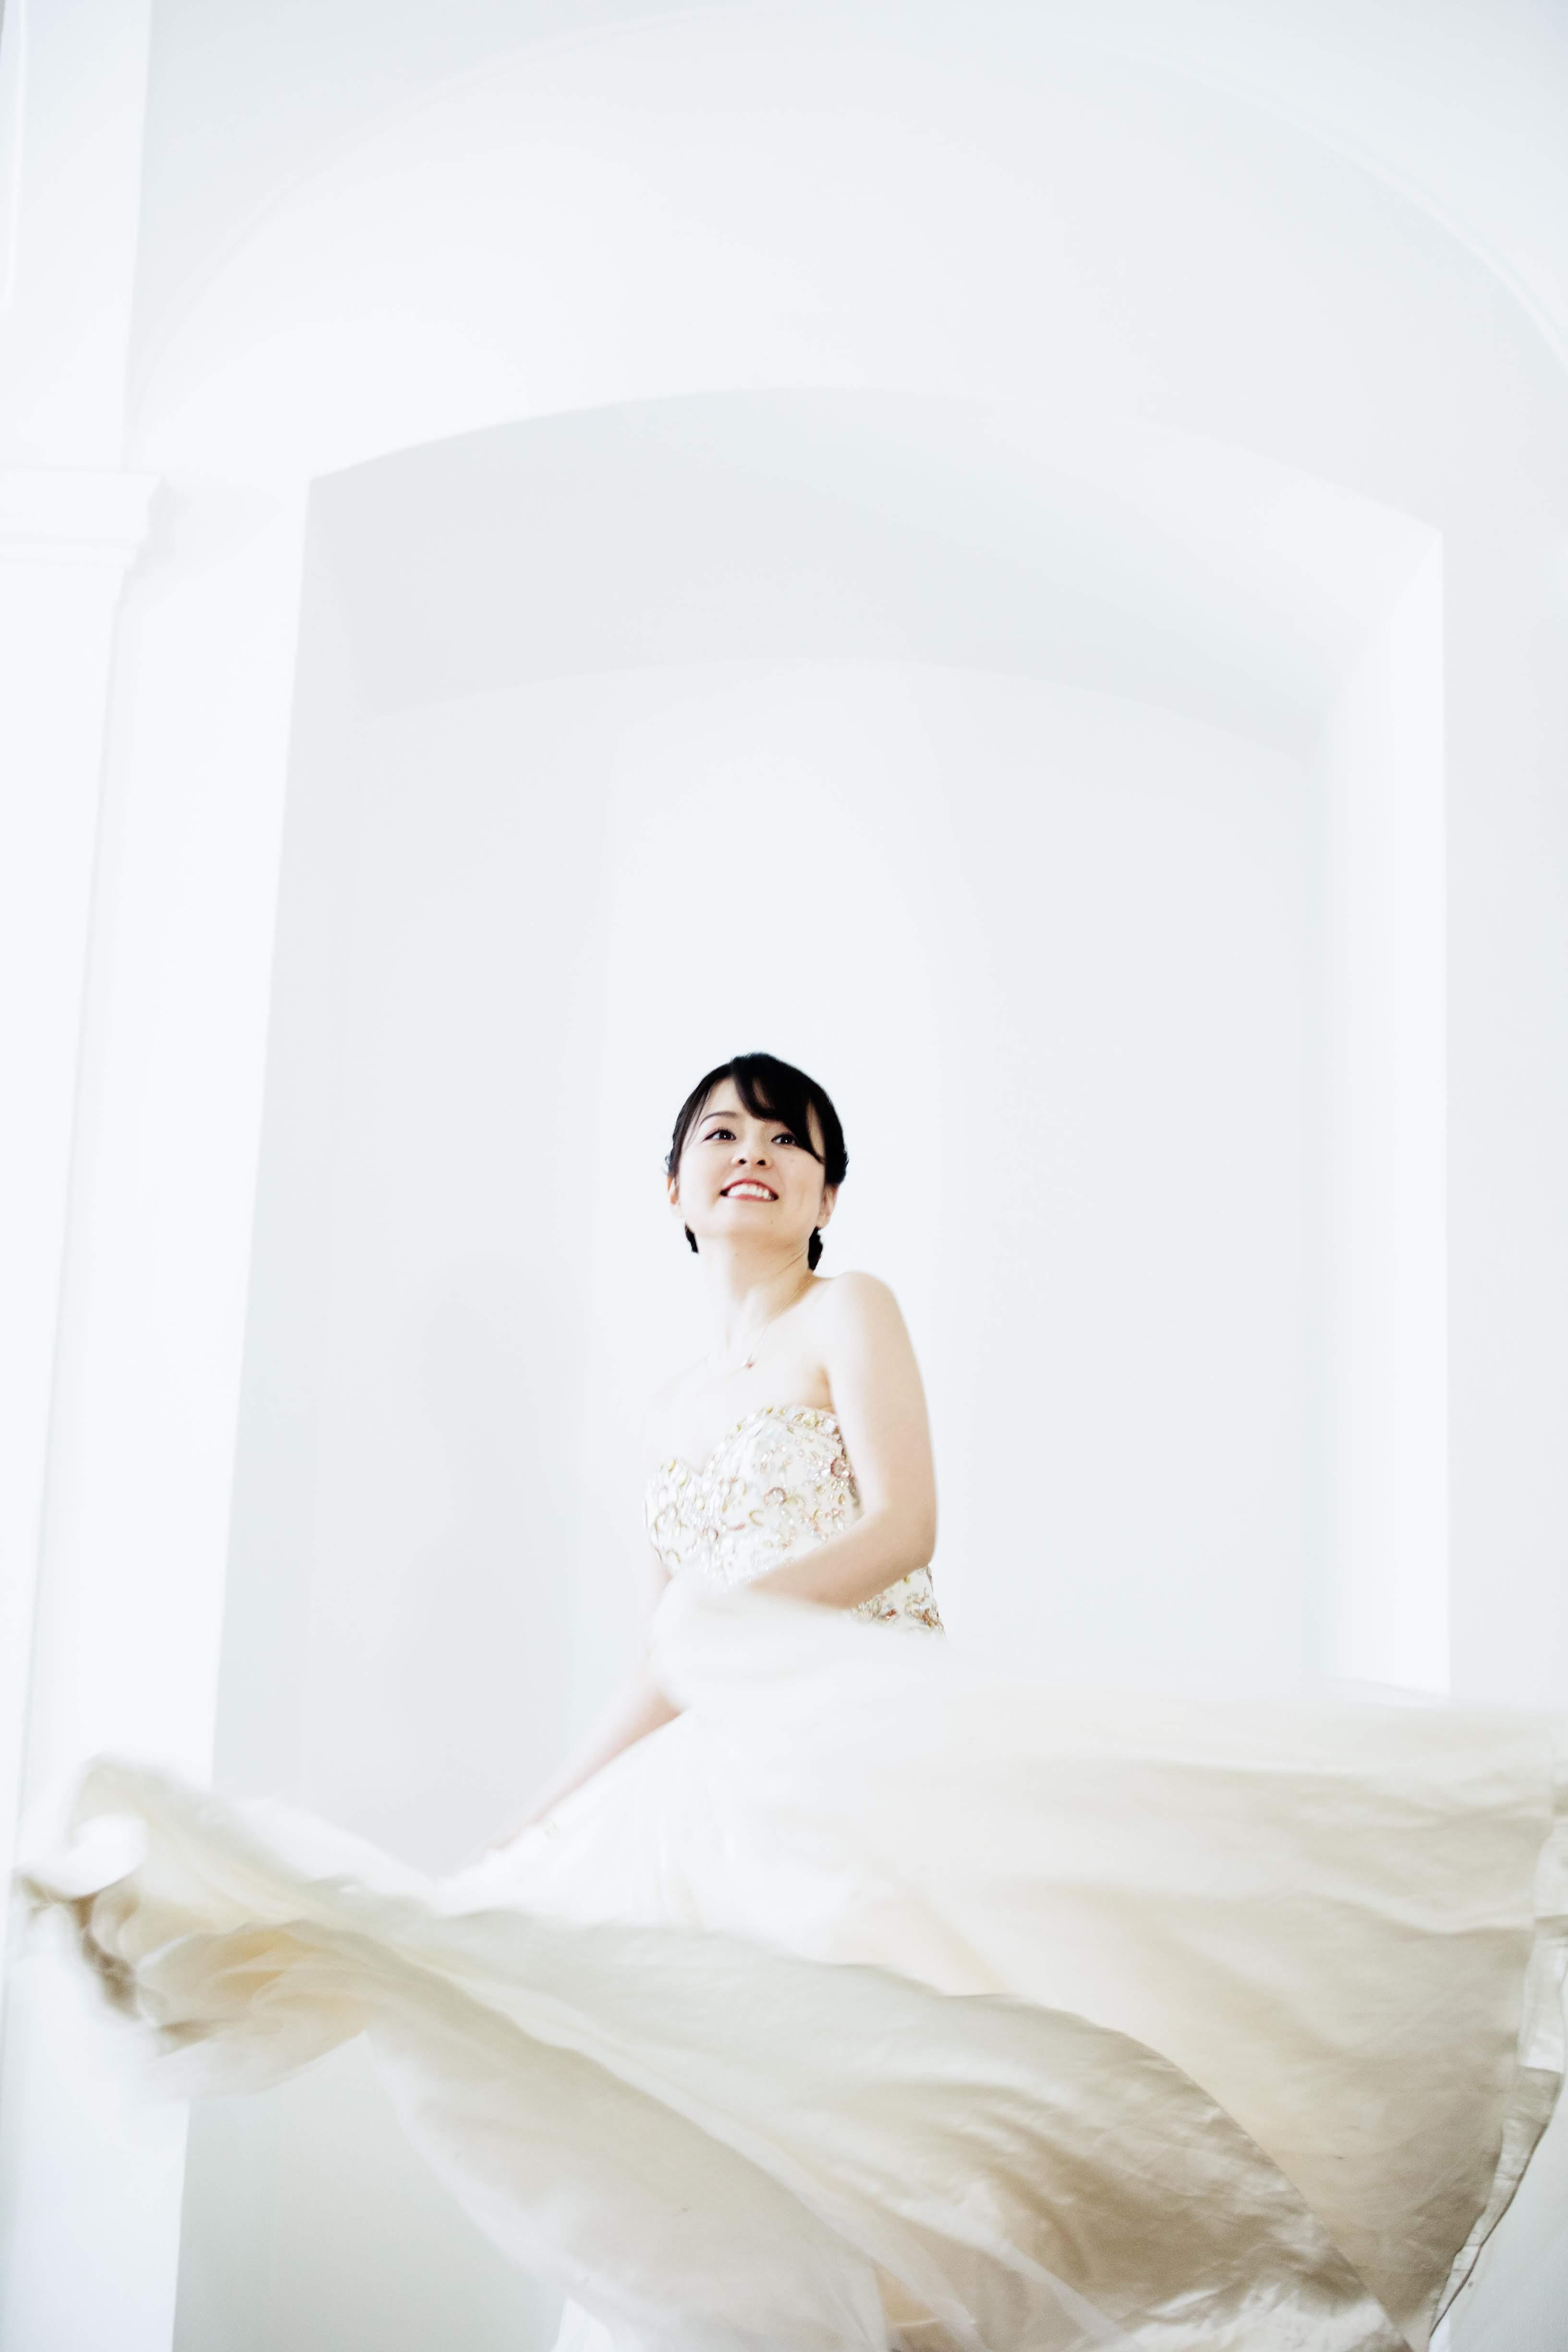 岩崎洵奈 ピアノリサイタル ウィーンからのシルクロードの画像